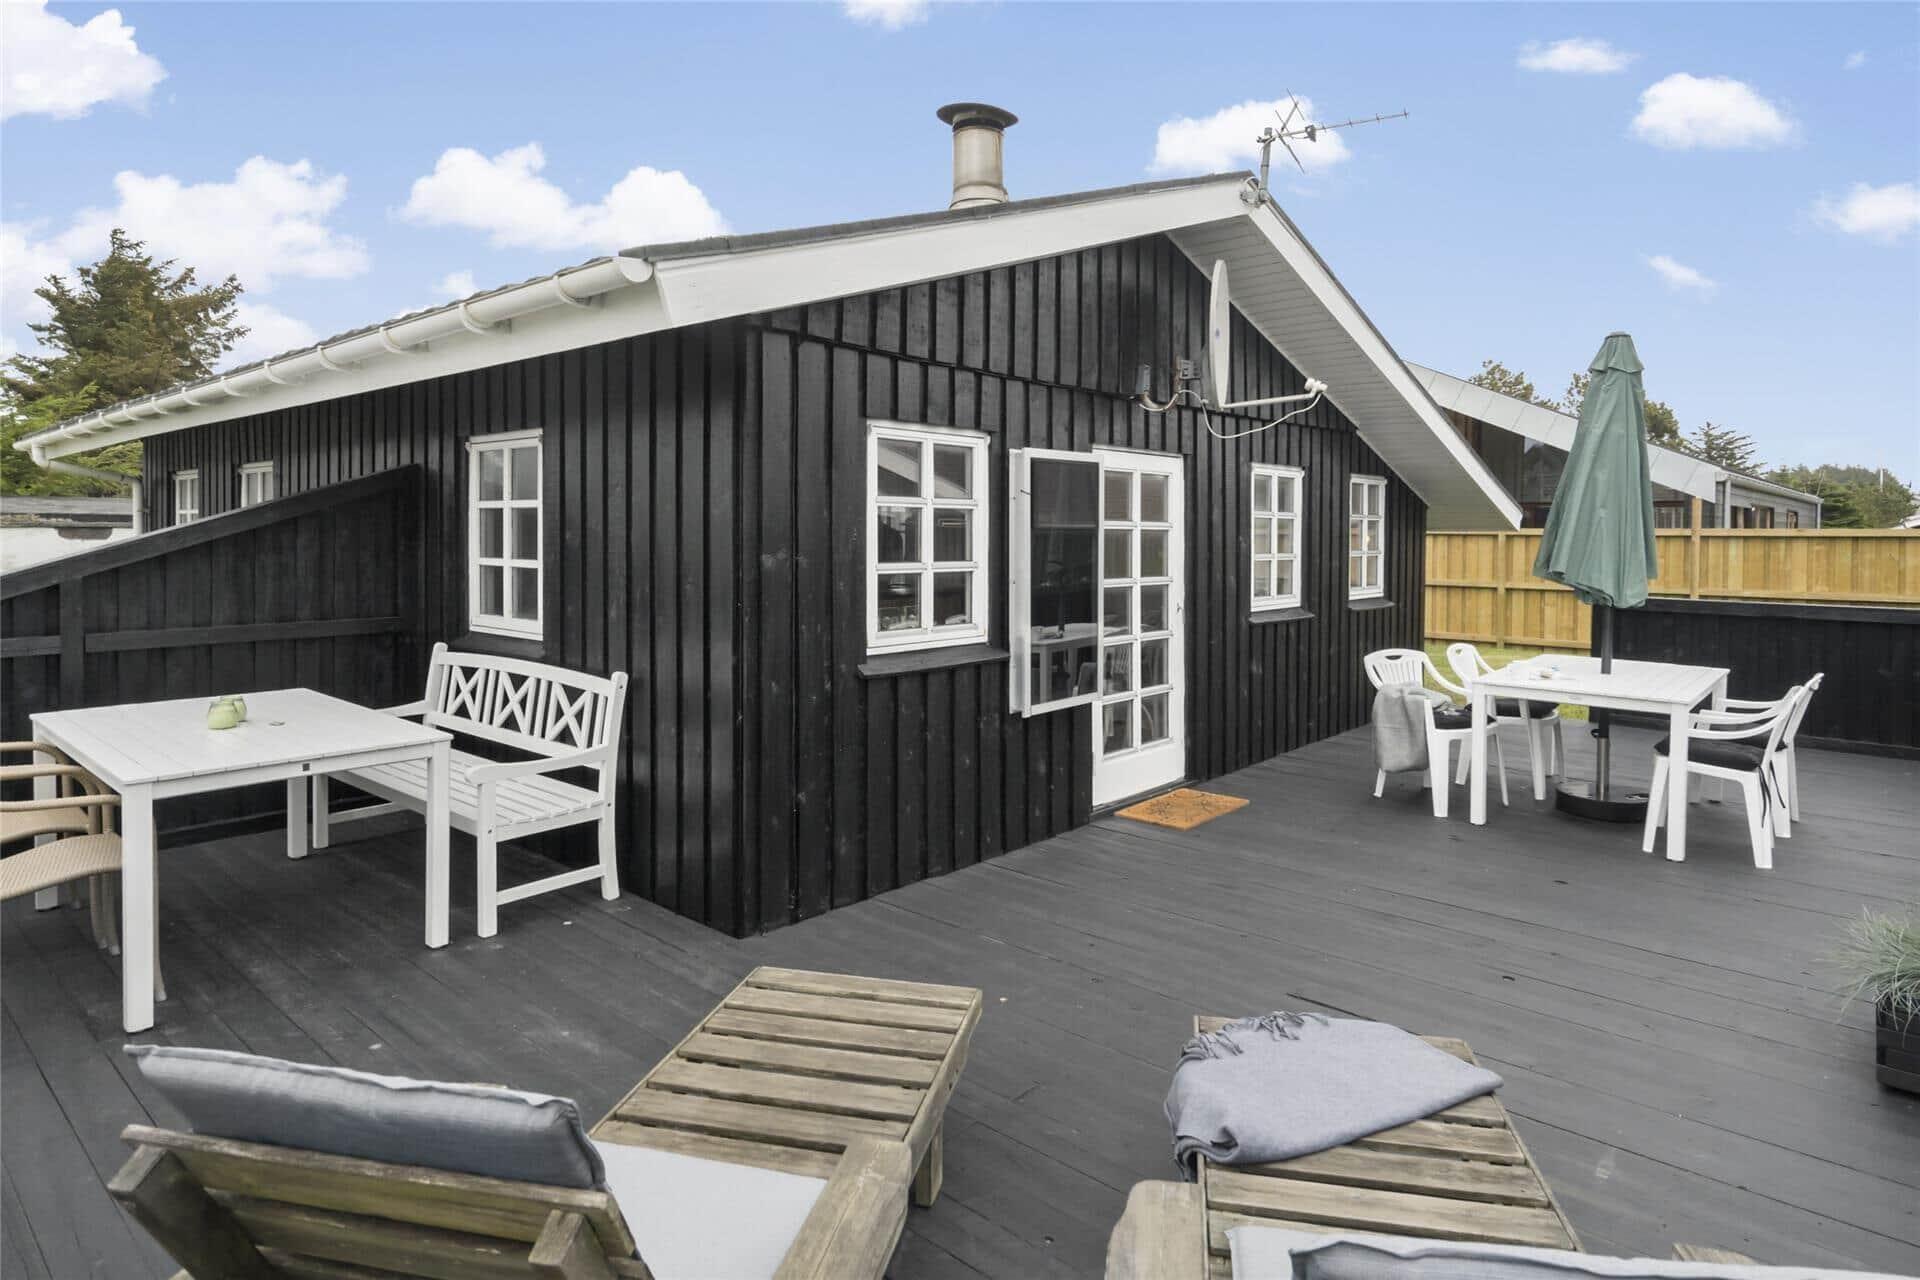 Afbeelding 1-176 Vakantiehuis BL1710, Paa Bakken 1, DK - 9492 Blokhus